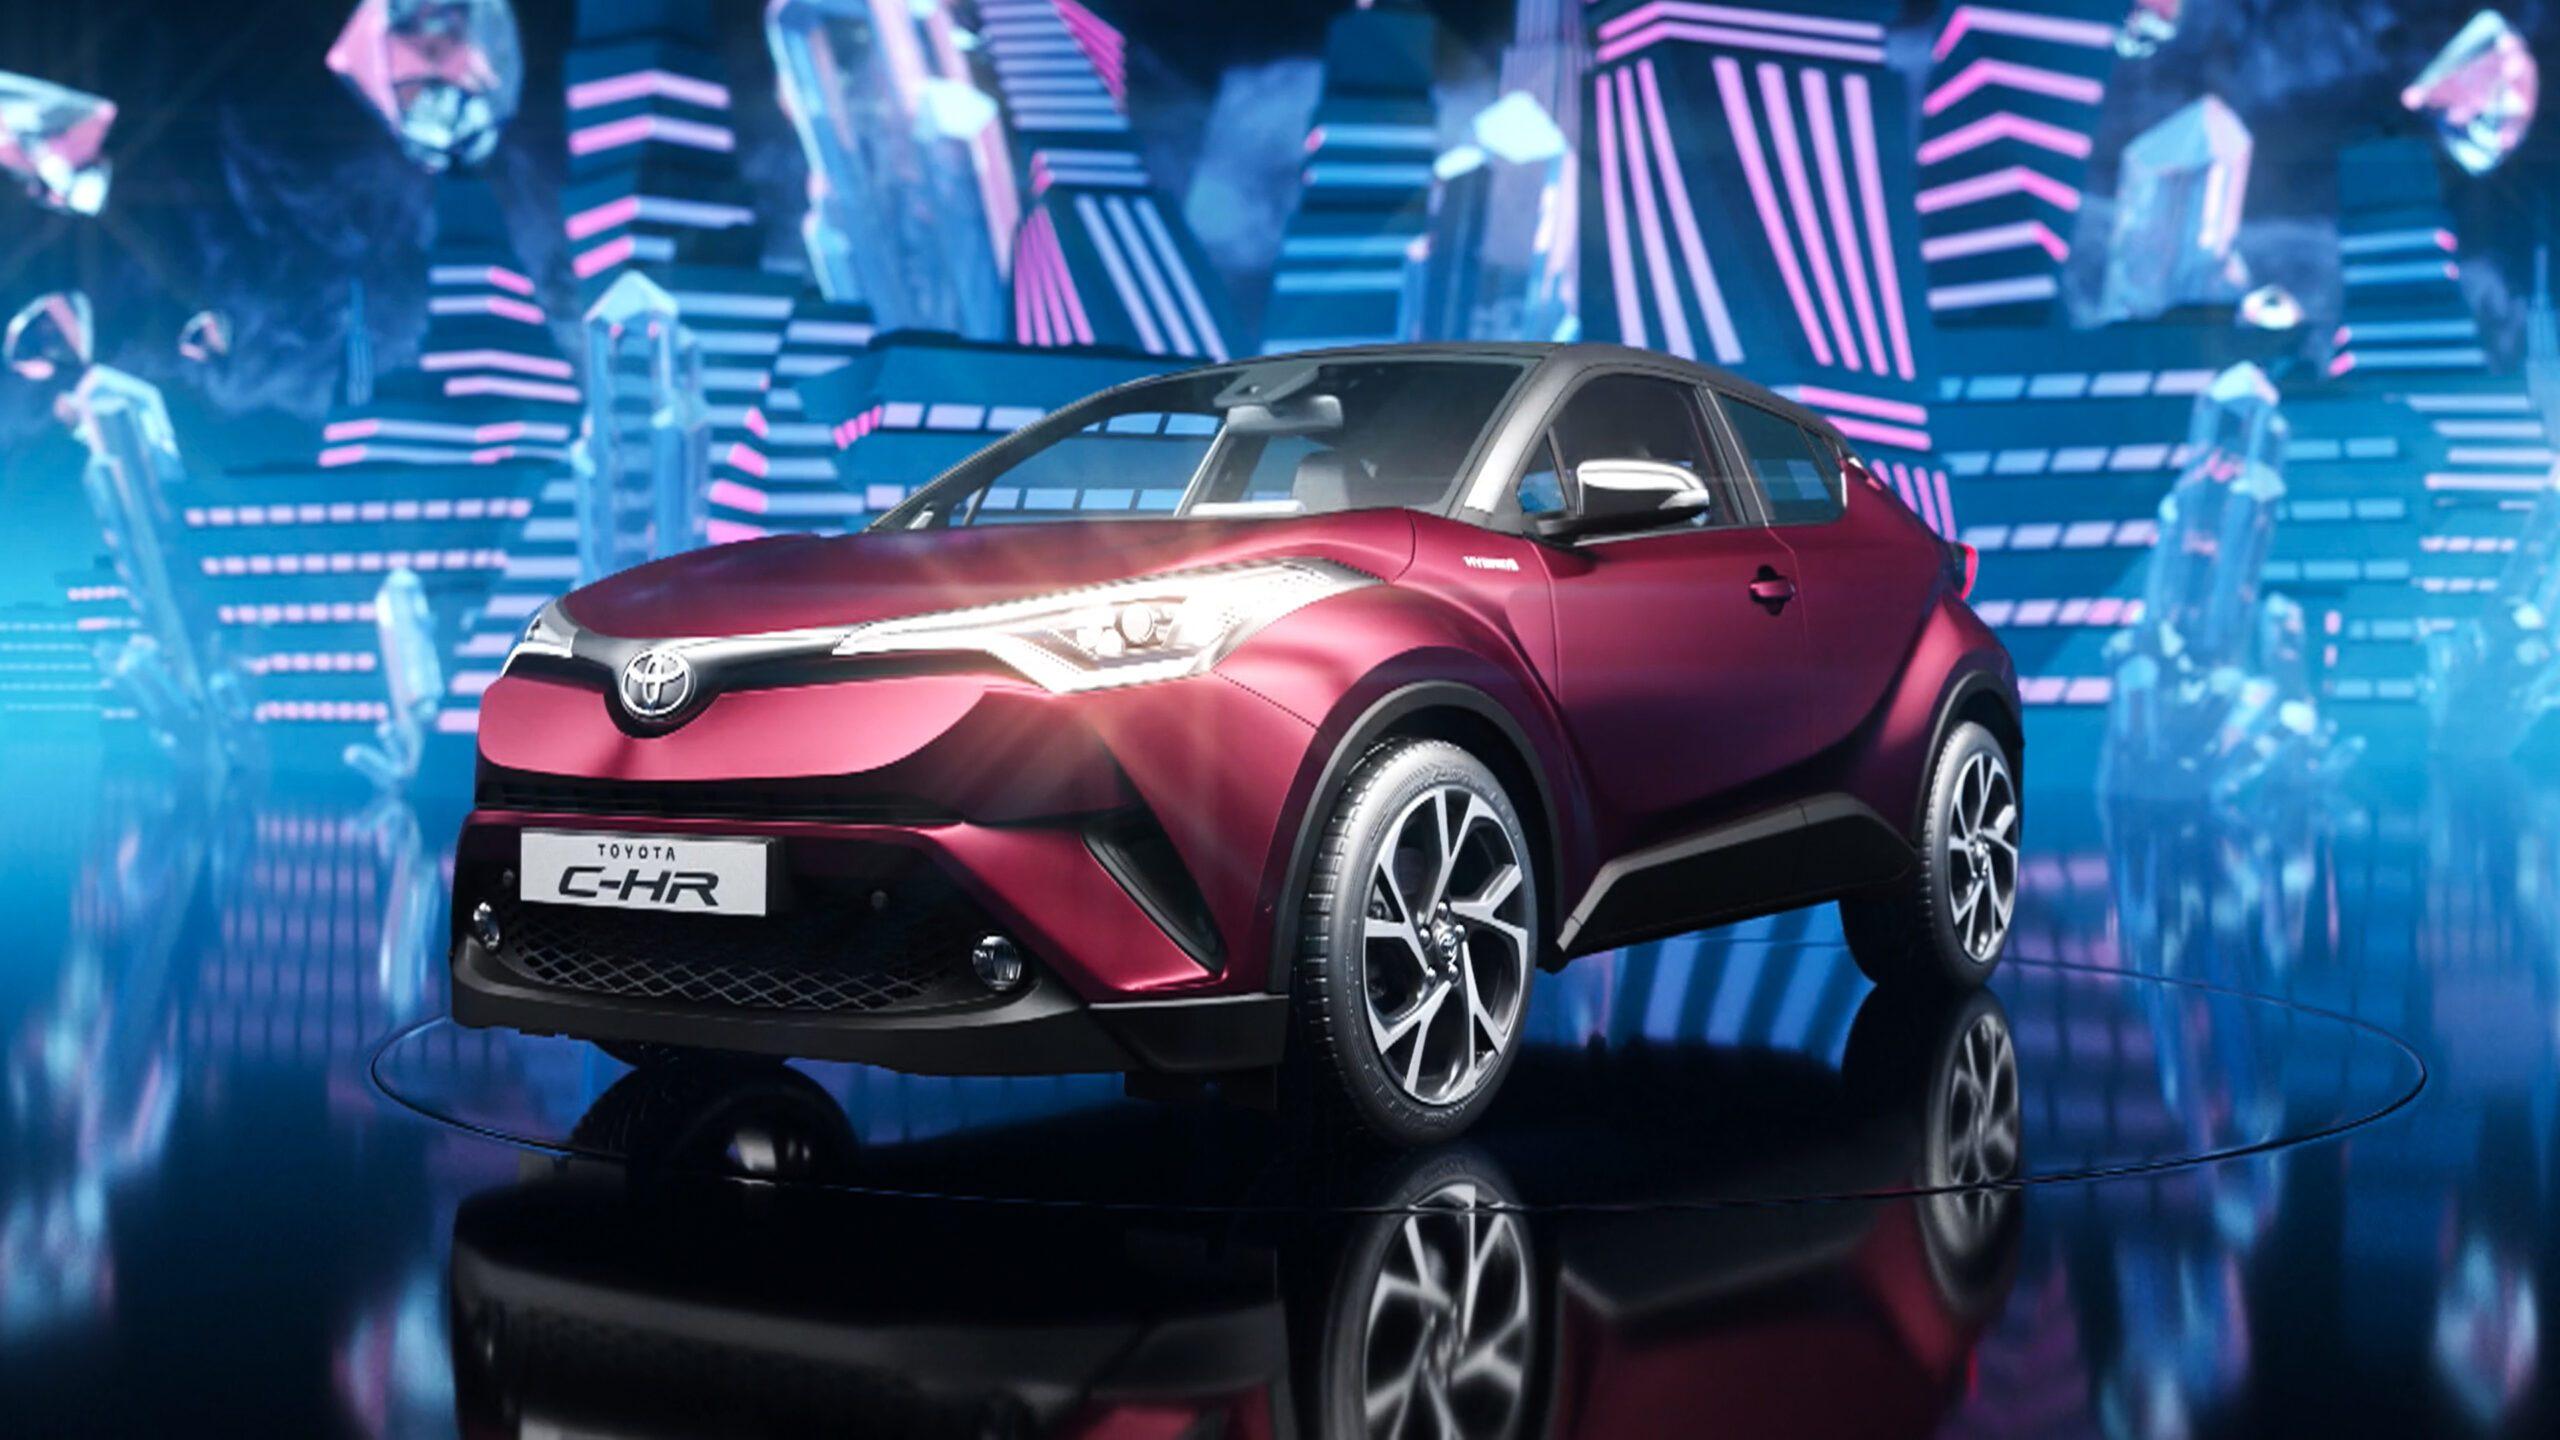 Vanite | Toyota C-HR concept design